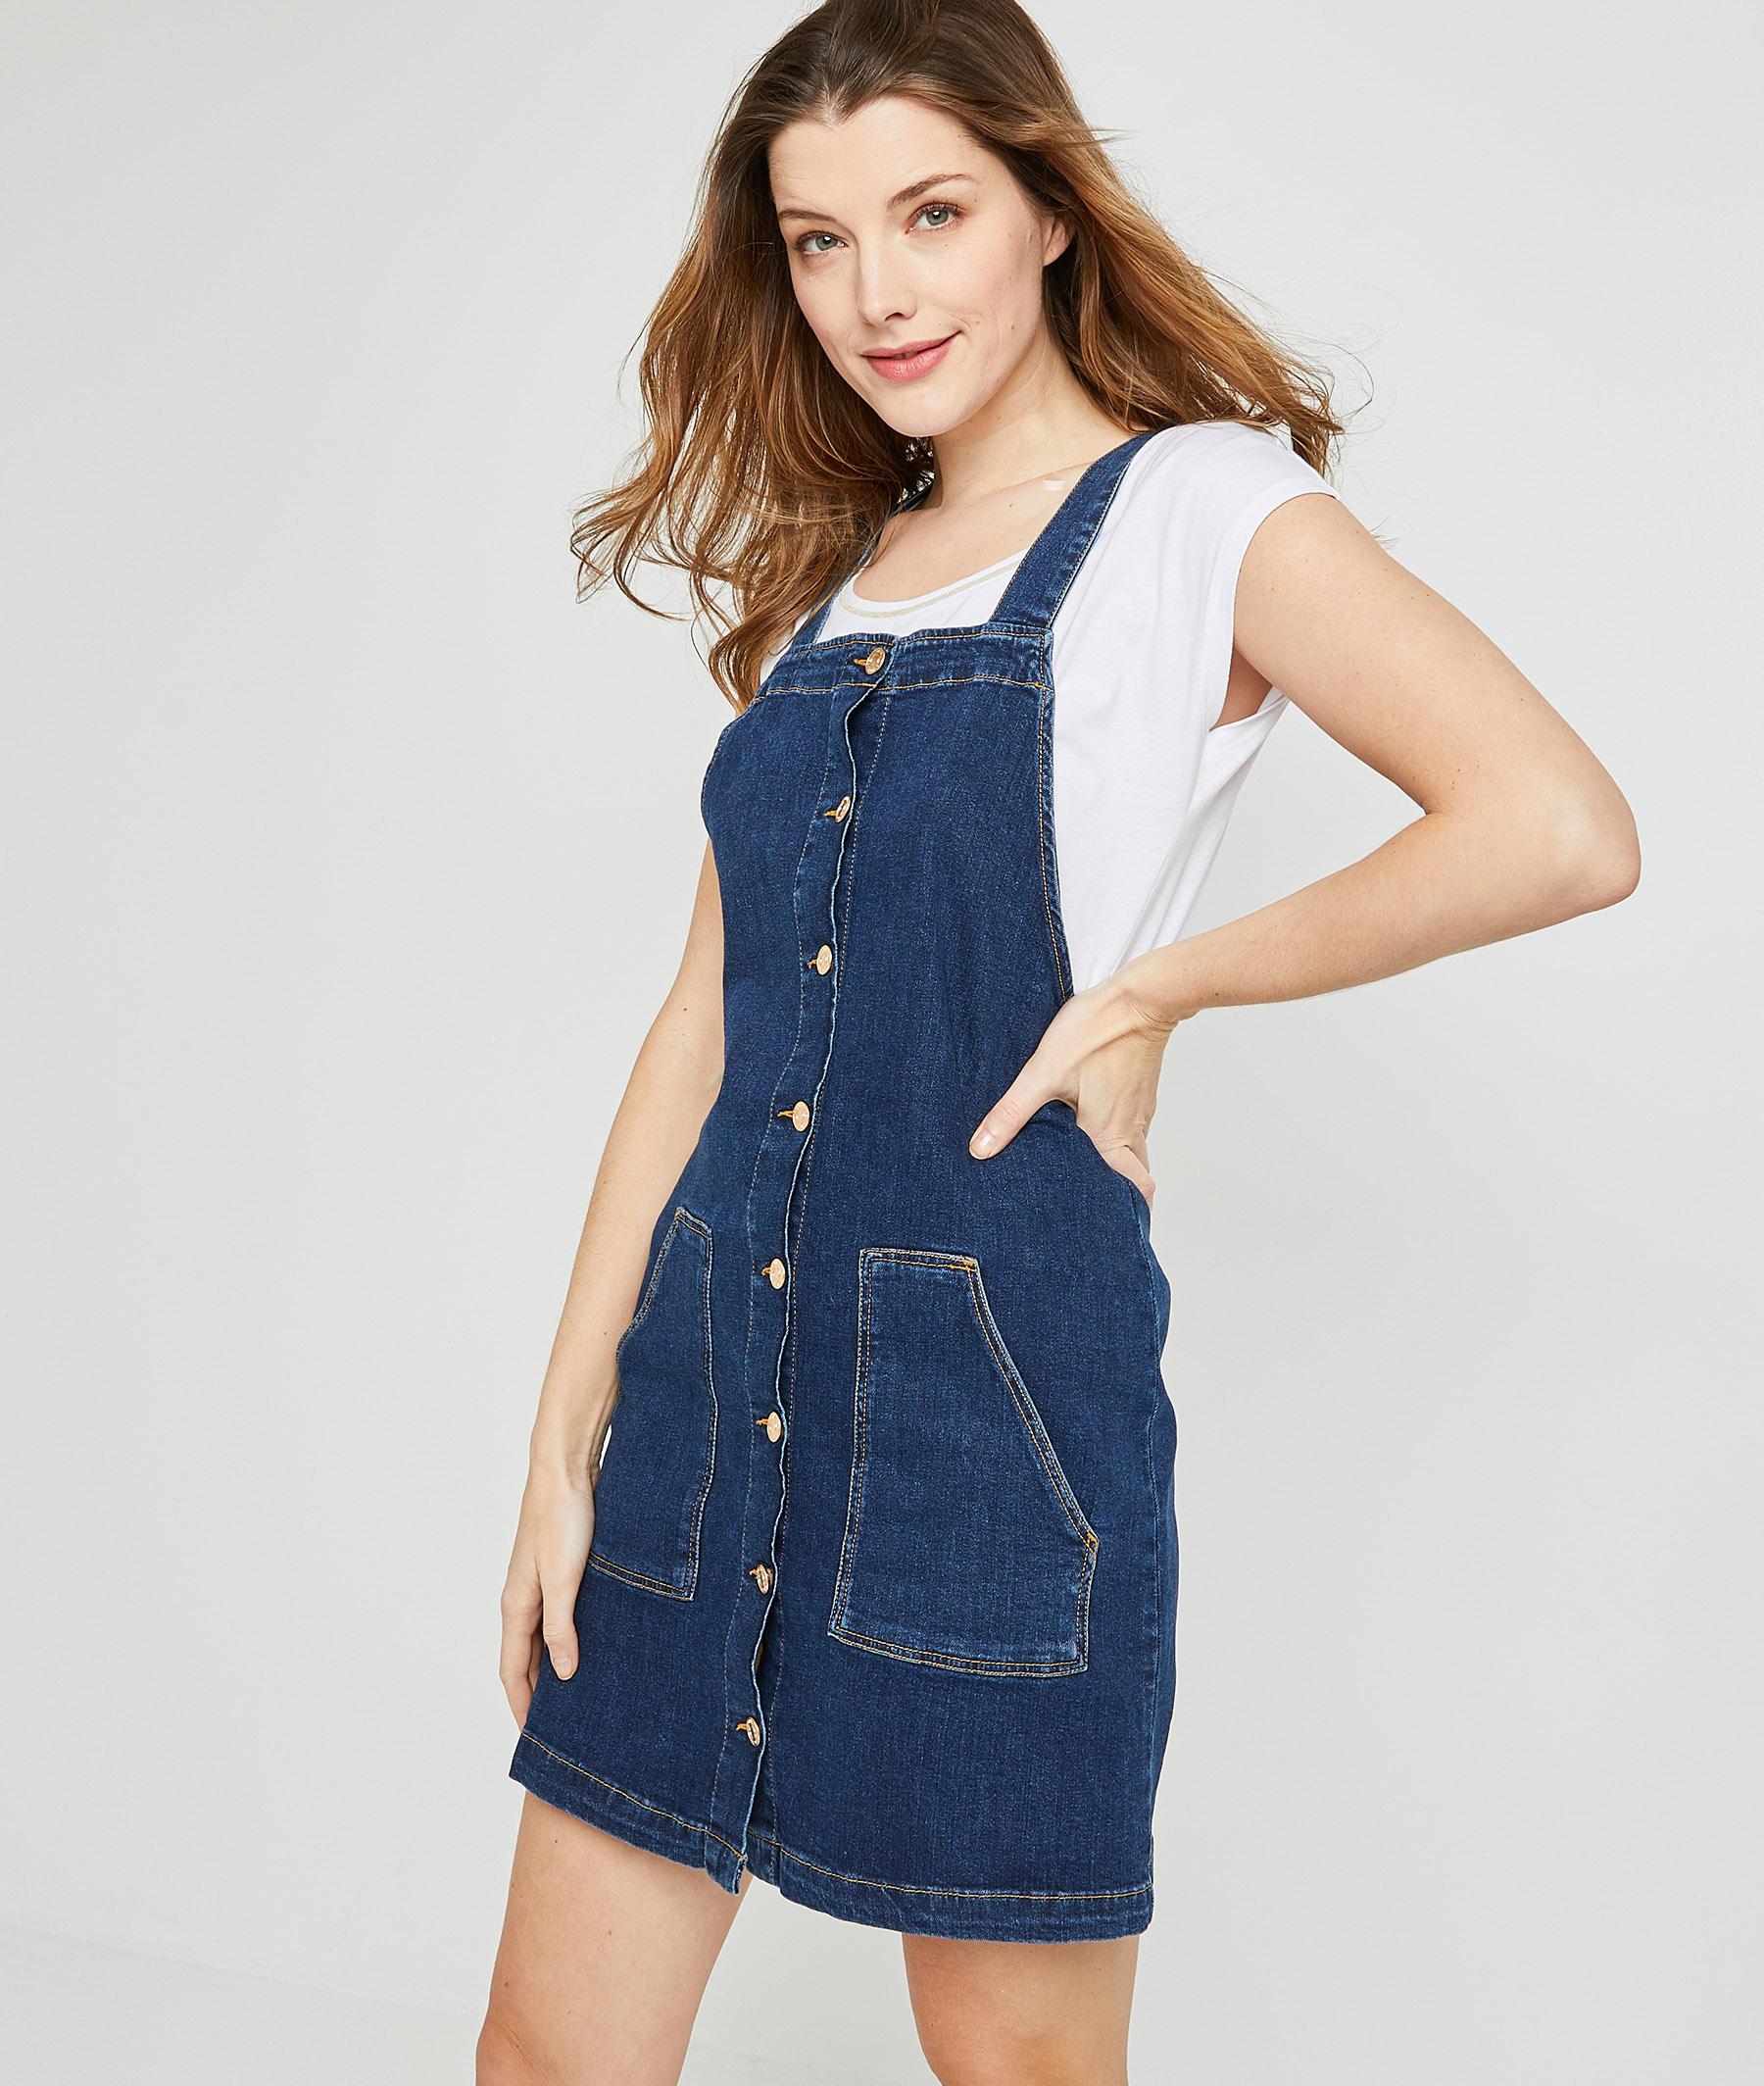 Robe chasuble en jean femme BRUT